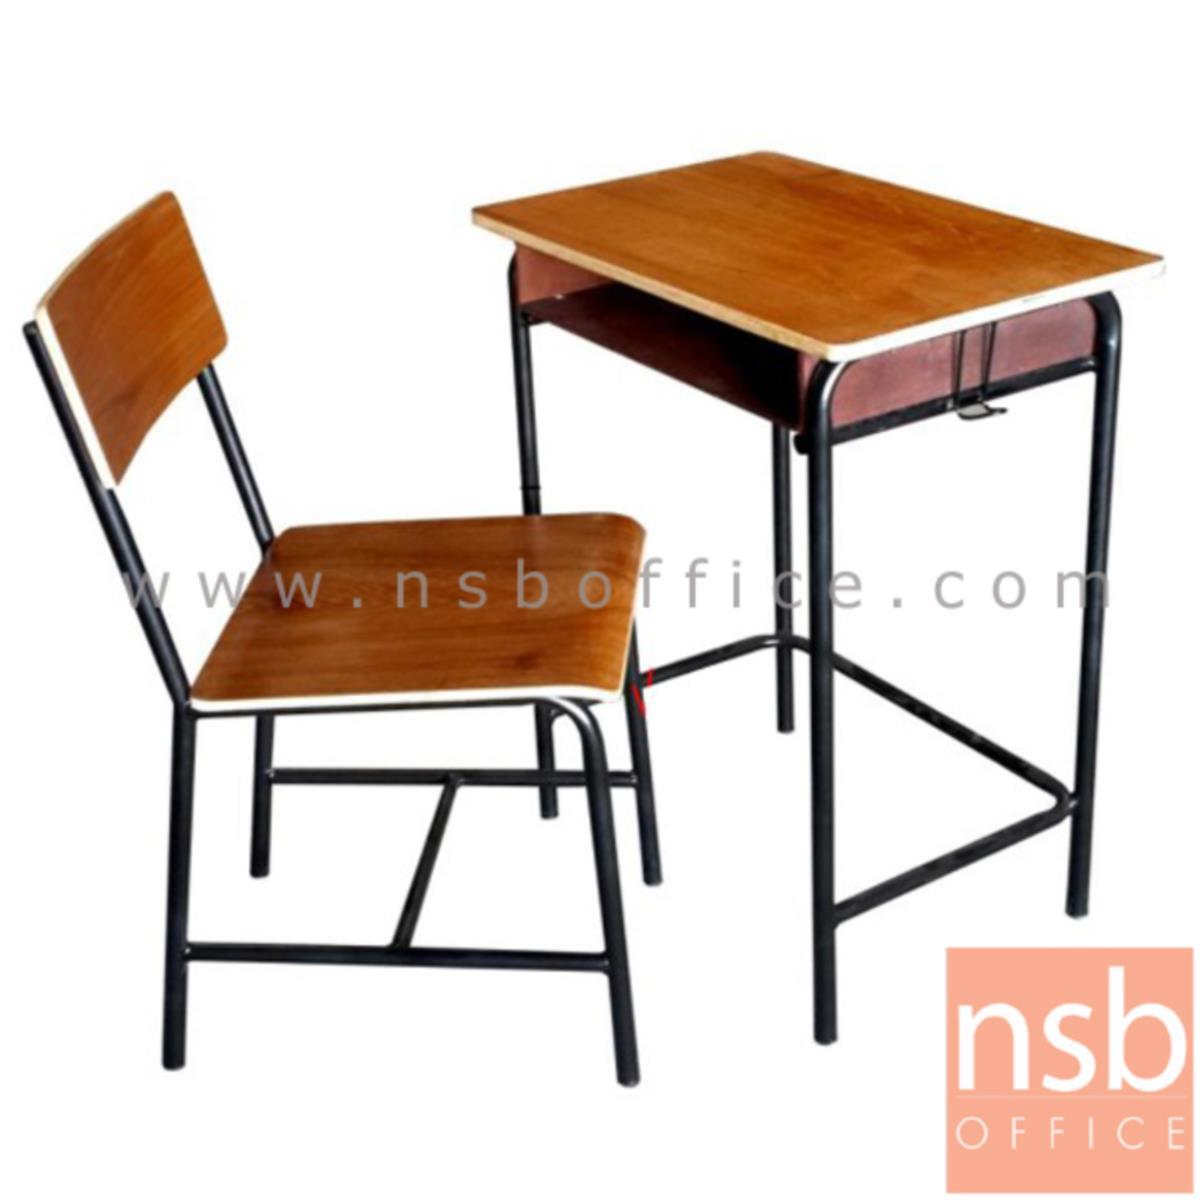 A17A031:ชุดโต๊ะและเก้าอี้นักเรียน รุ่น Amery (แอมเมอรี)  ระดับมัธยม ขาเหล็กกลมพ่นดำ